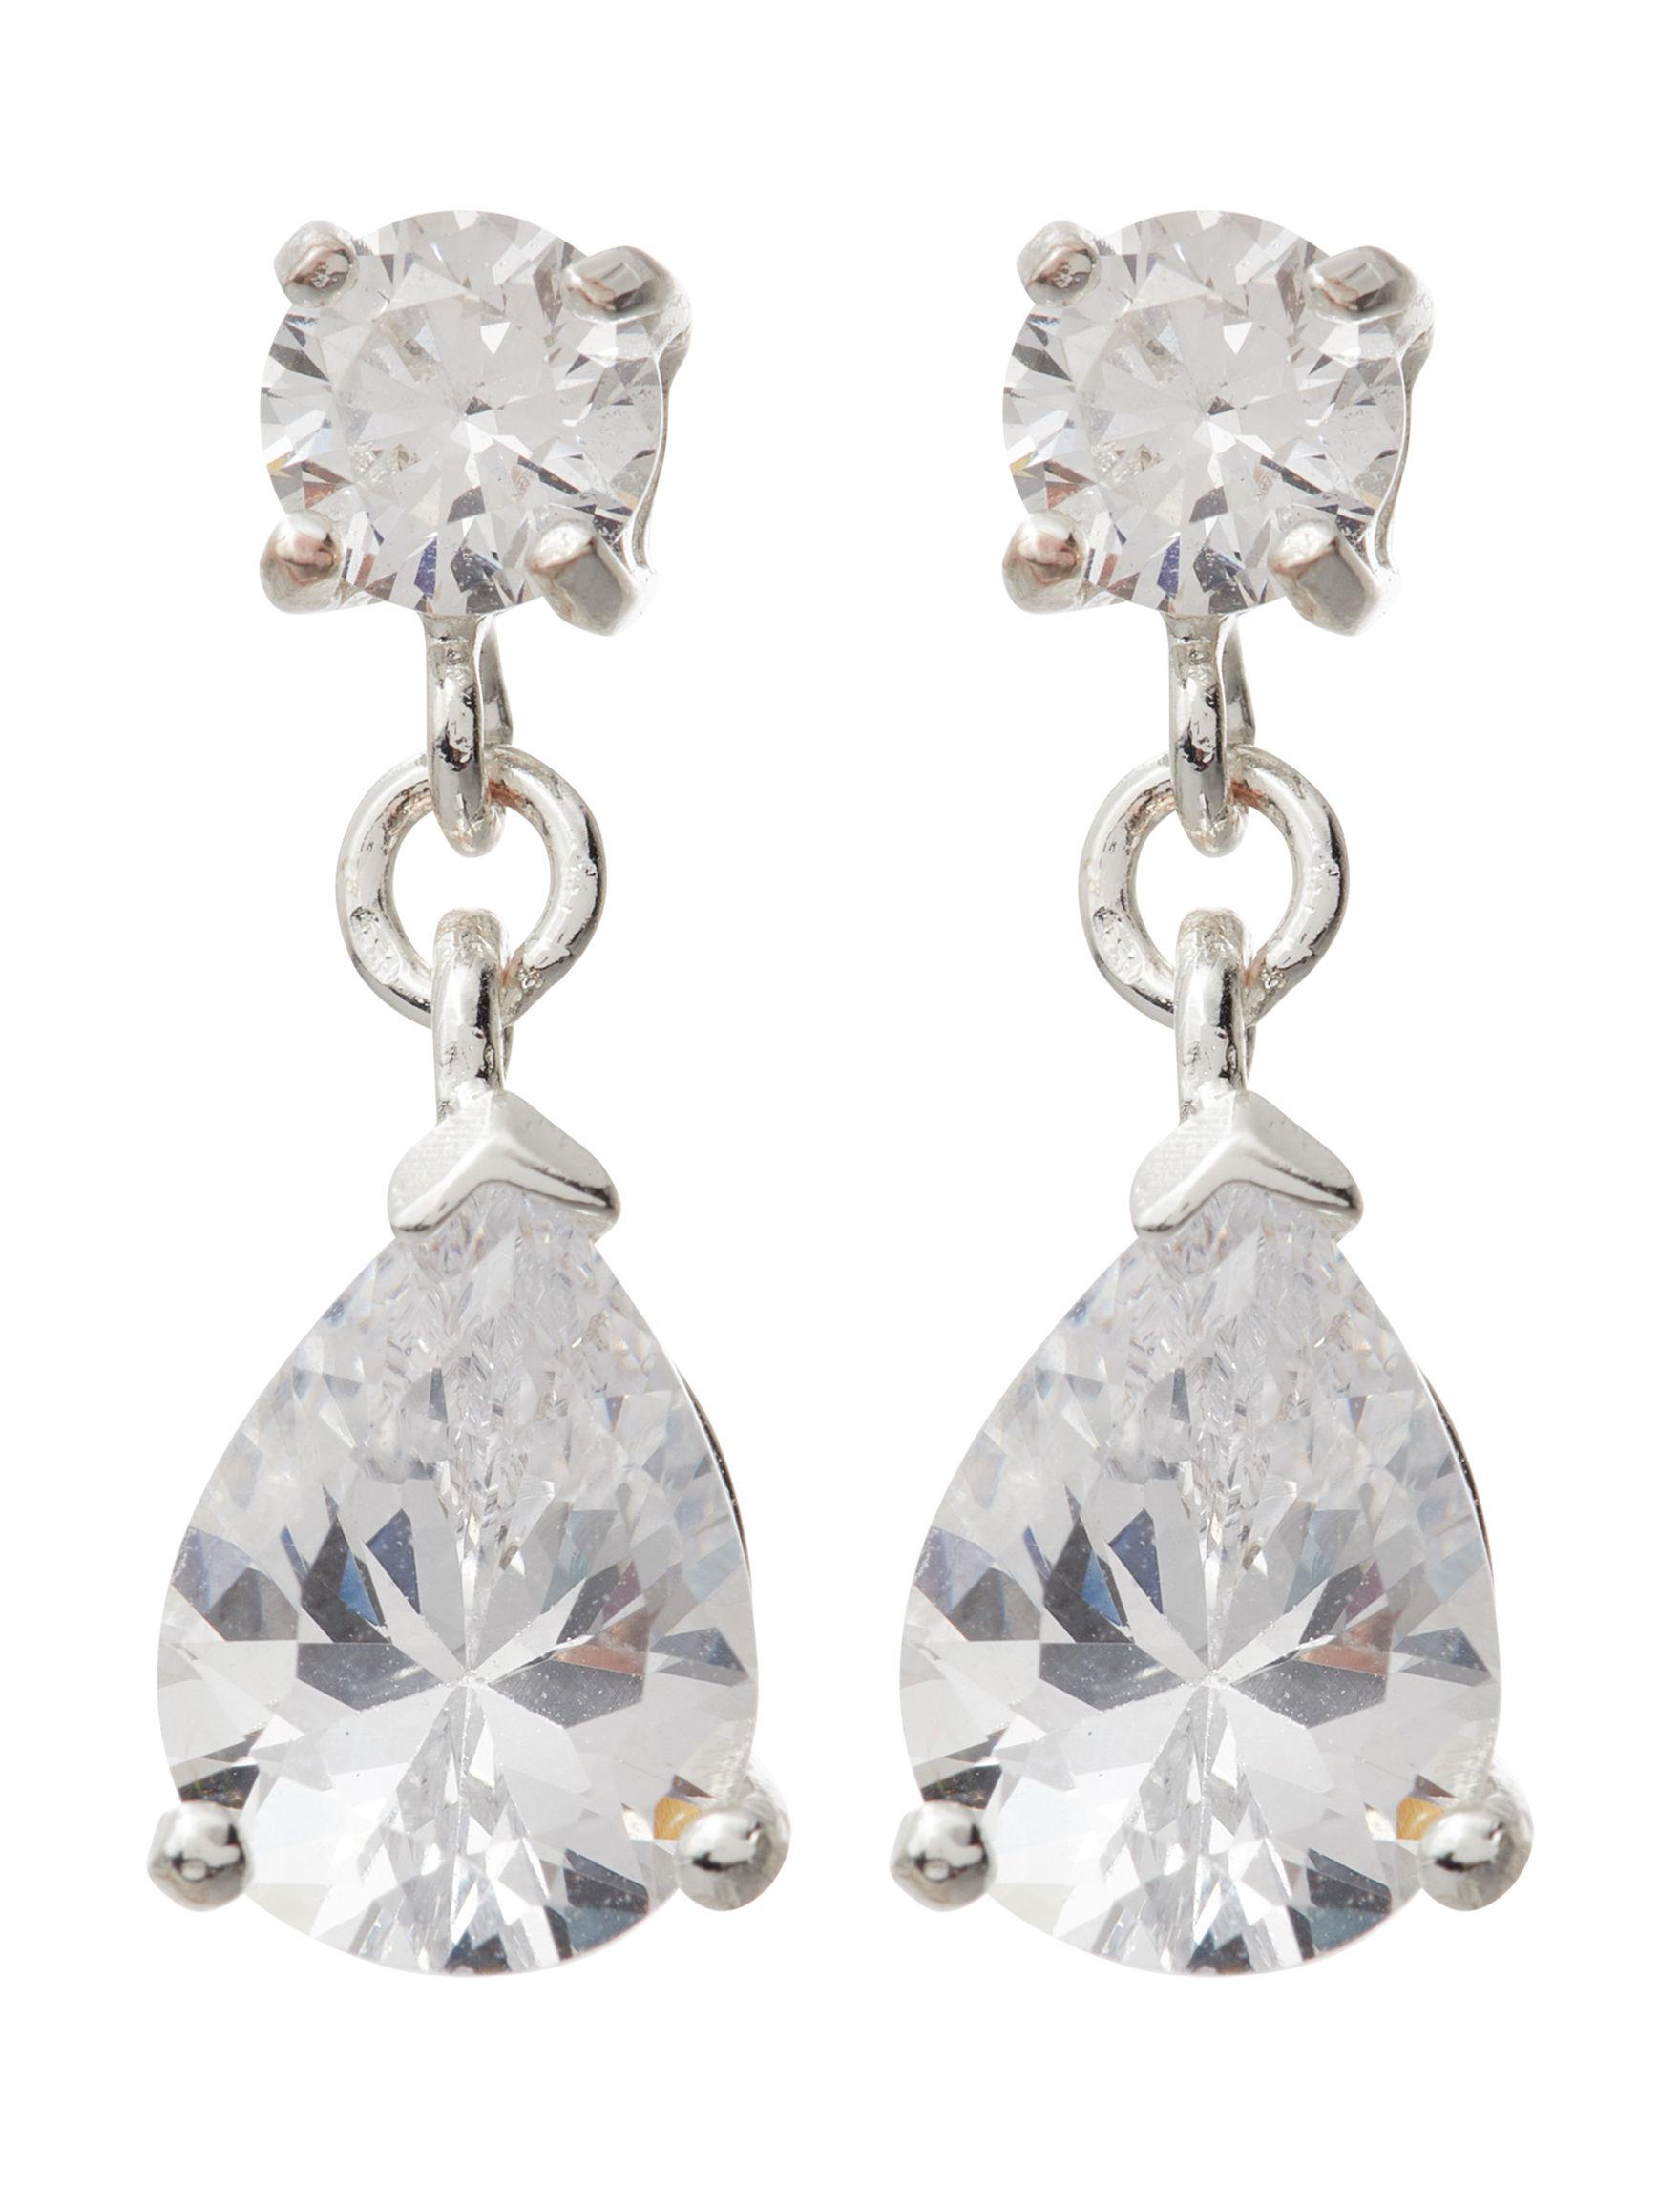 Marsala Silver / Crystal Drops Earrings Fine Jewelry